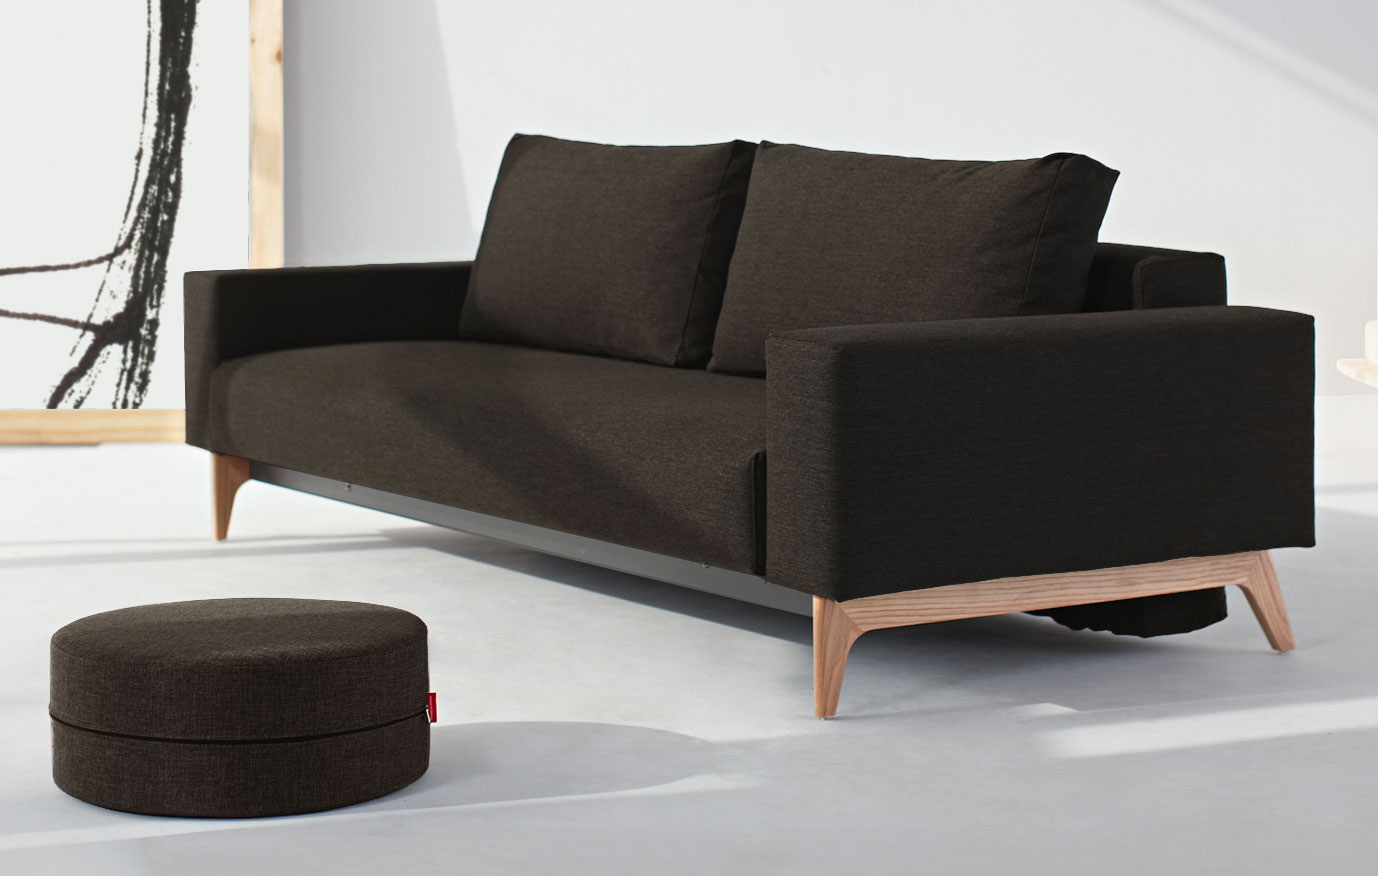 multifunktionales schlafsofa derby in grauem oder braunem webstoff. Black Bedroom Furniture Sets. Home Design Ideas